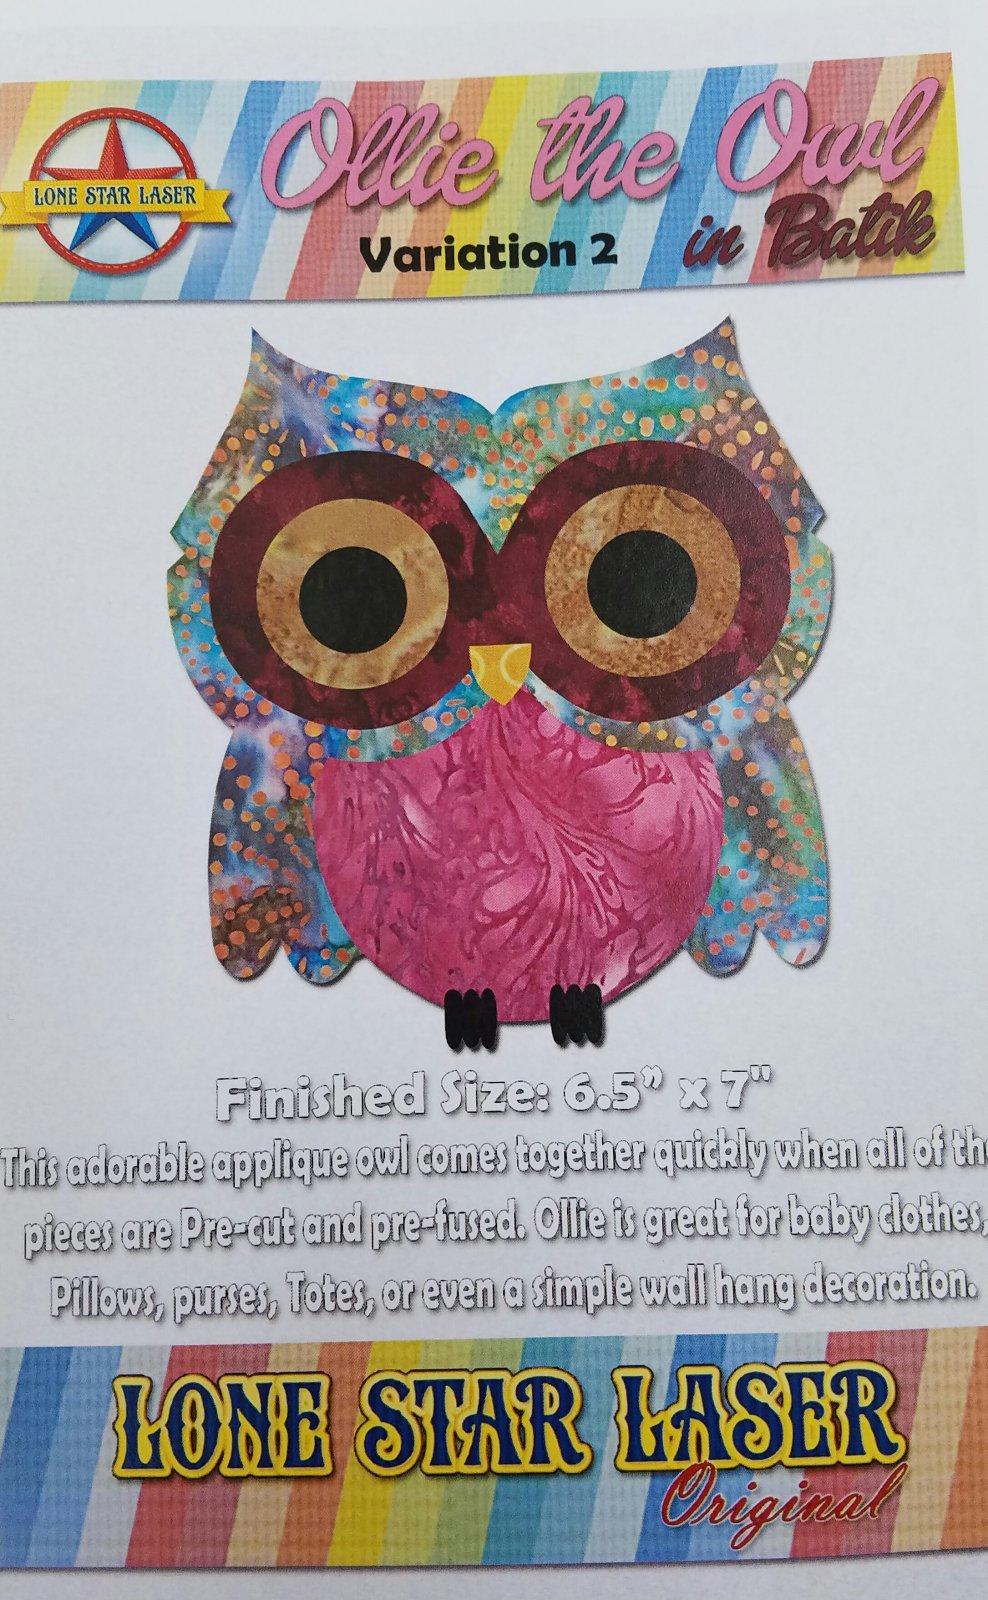 Ollie the Owl in Batik Pre-cut Pre-fused